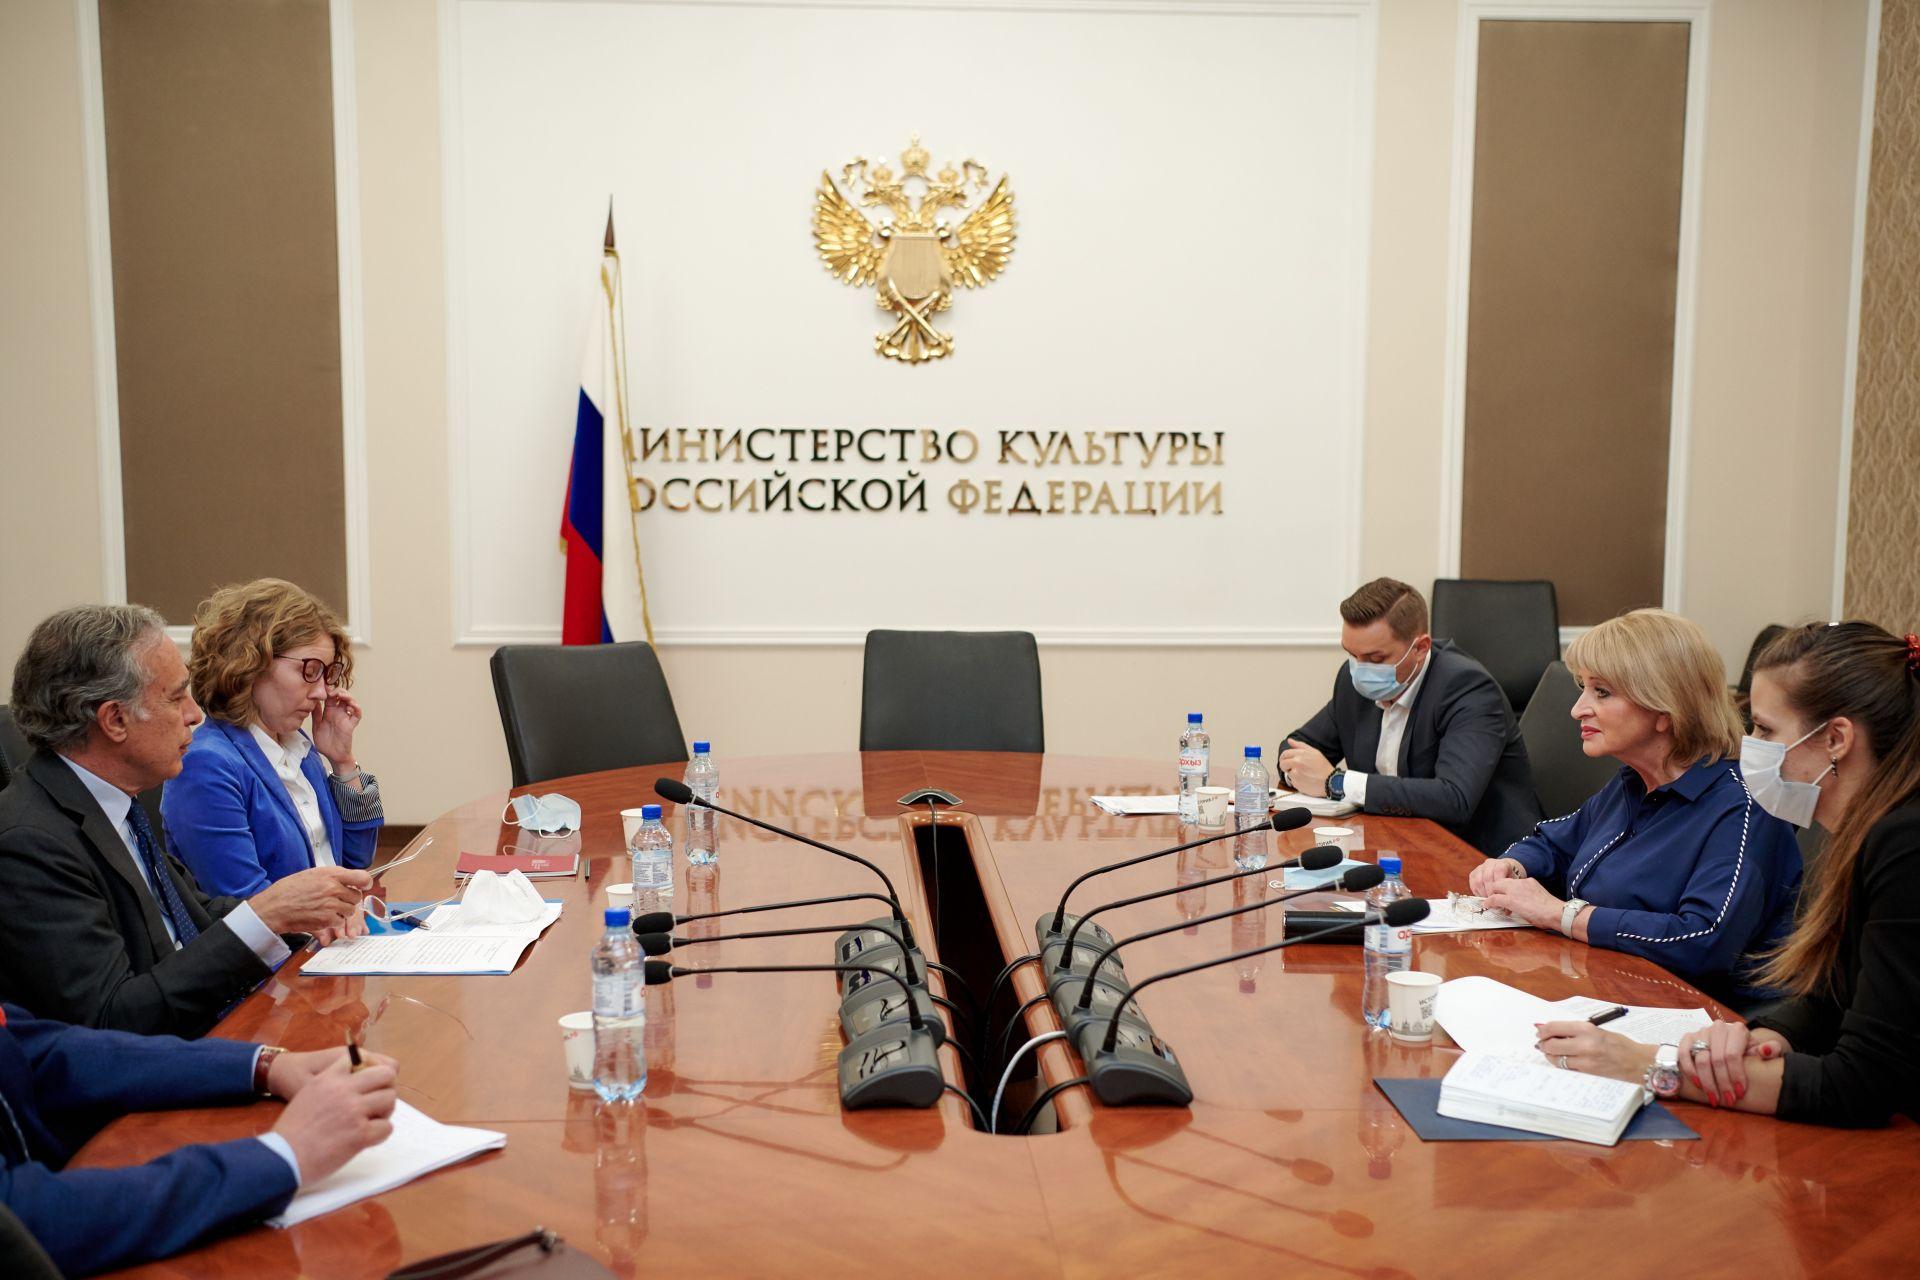 Россия и Италия обсудили вопросы двухстороннего сотрудничества в культурной сфере